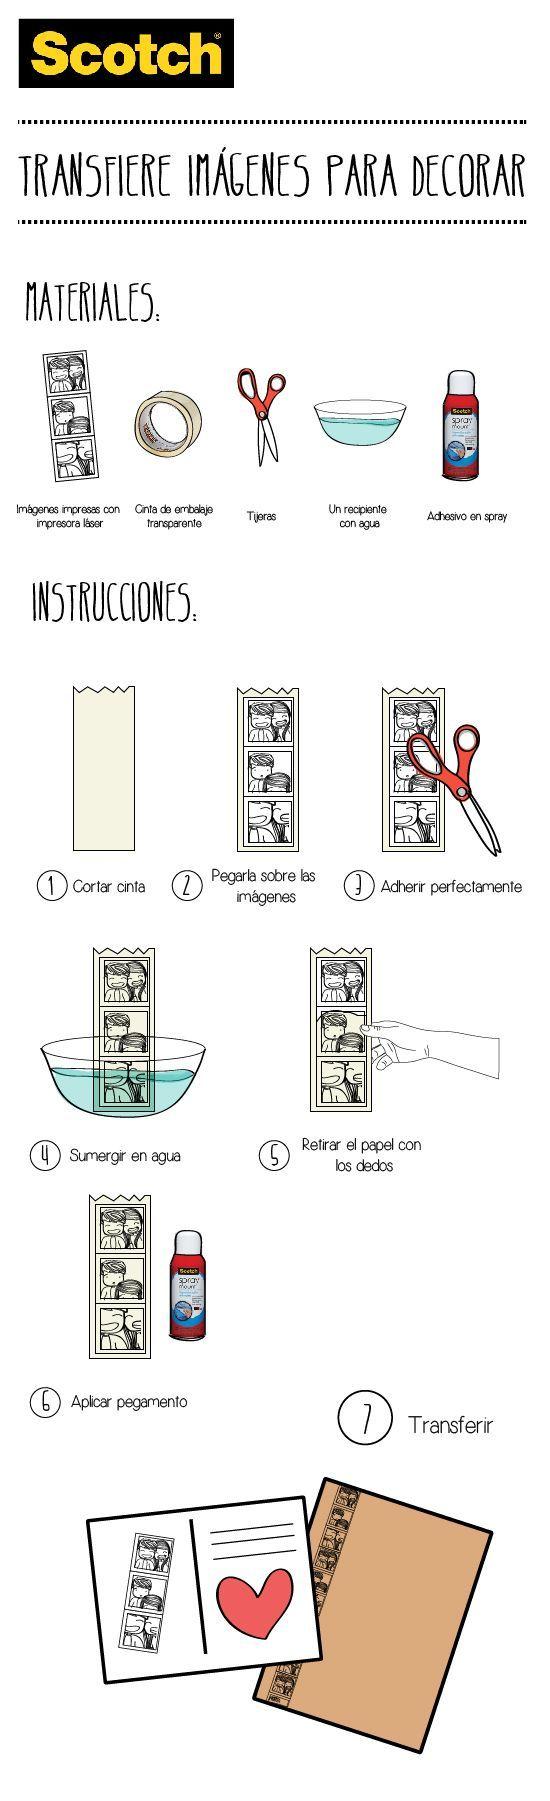 Ideas, Manualidades y Scrapbook:Transfiere fotos con cinta adhesiva Scotch® | Scotch® Perú: